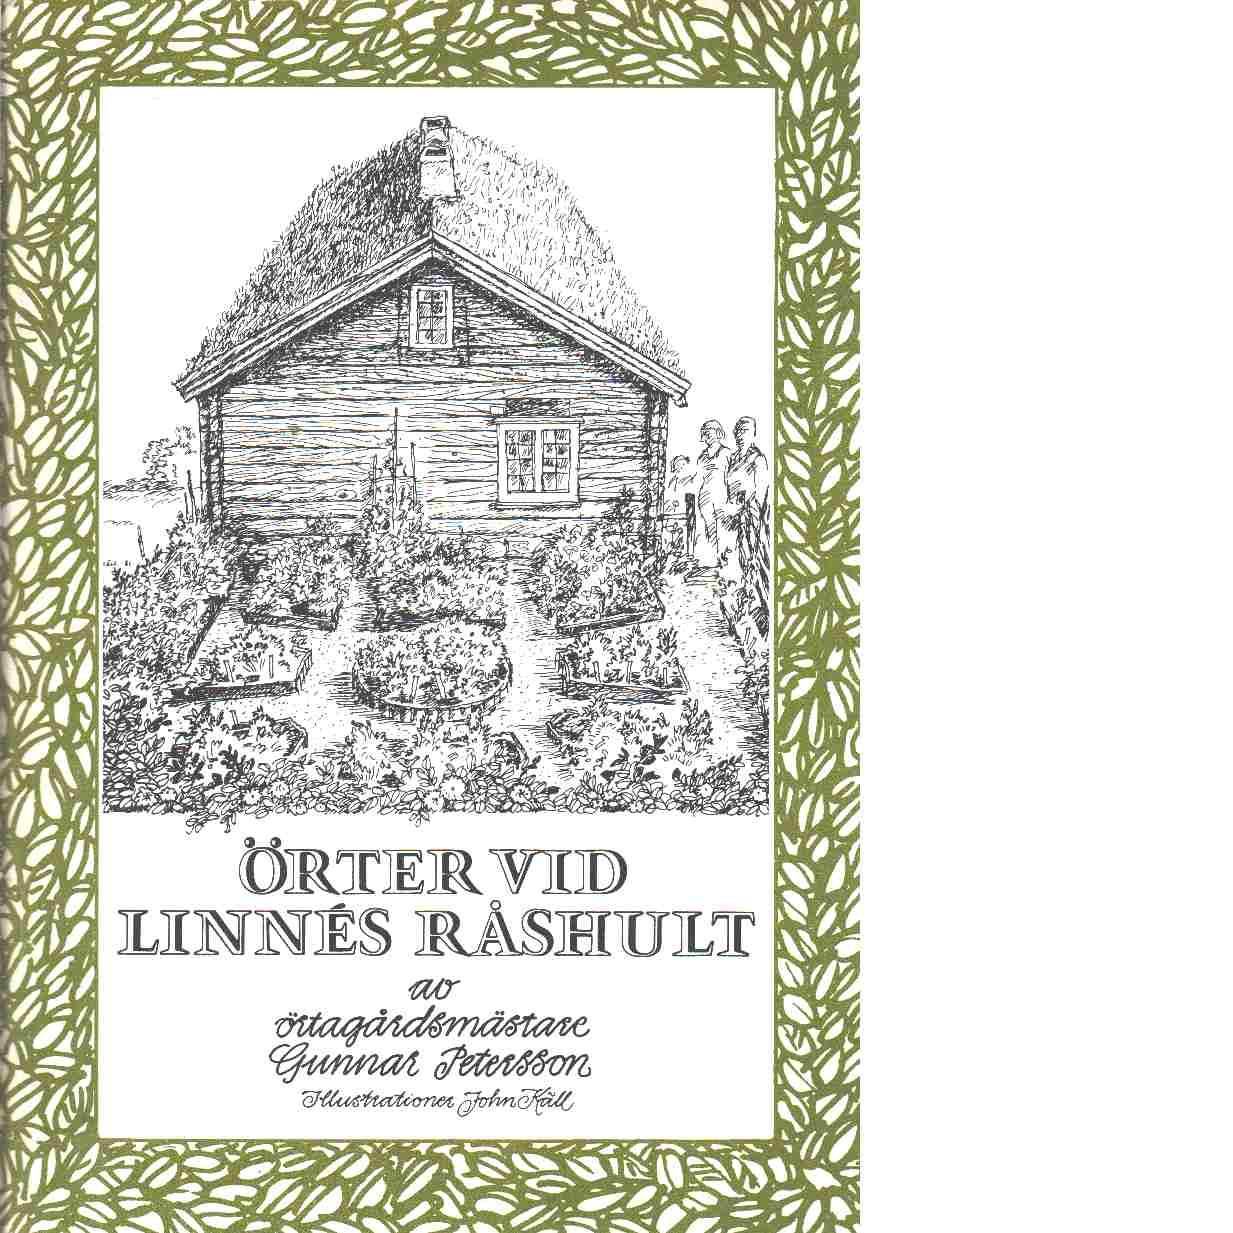 Örter vid Linnés Råshult - Petersson, Gunnar